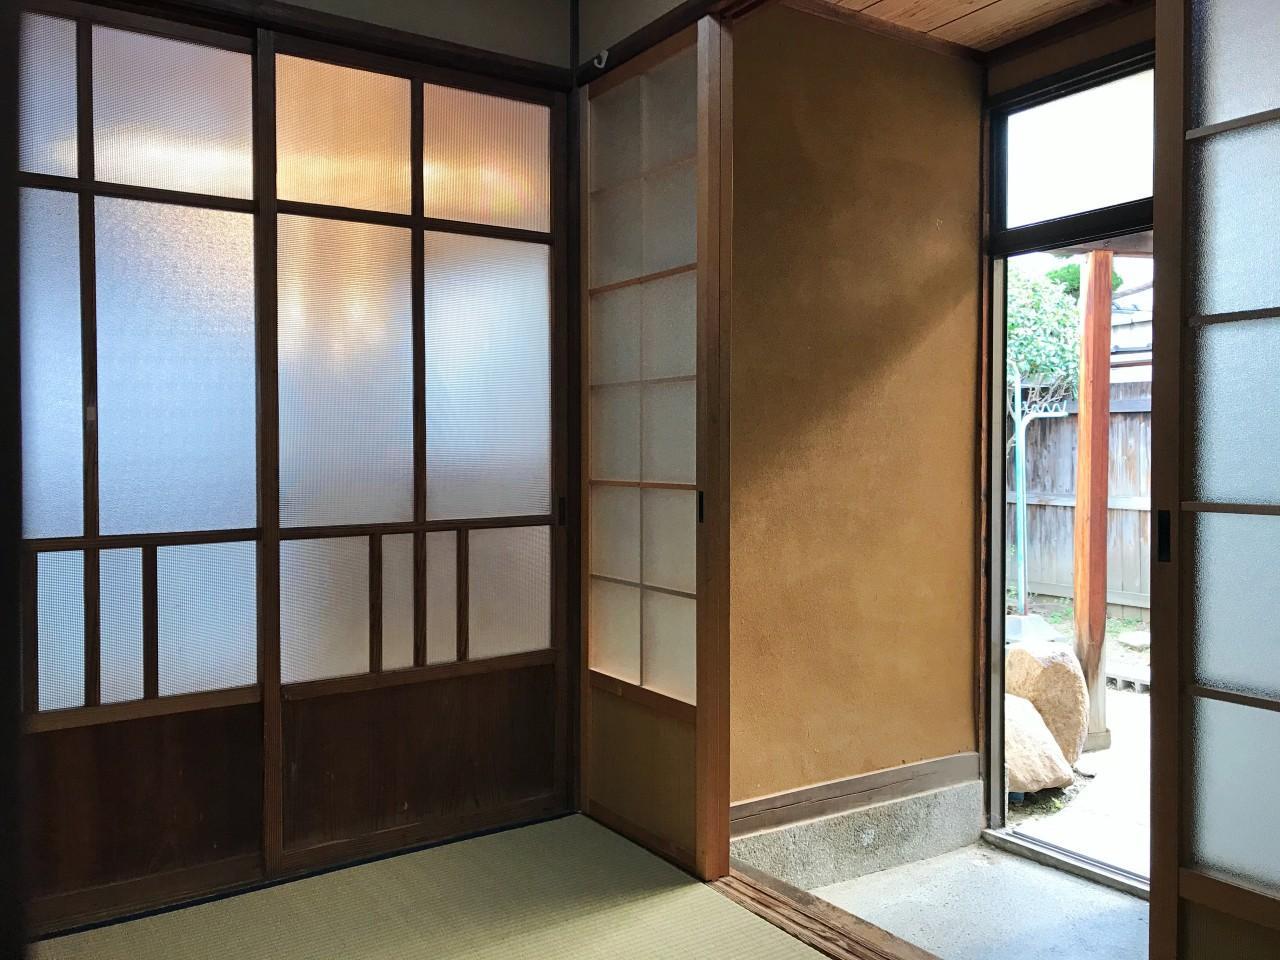 これぞ昭和レトロ、という玄関